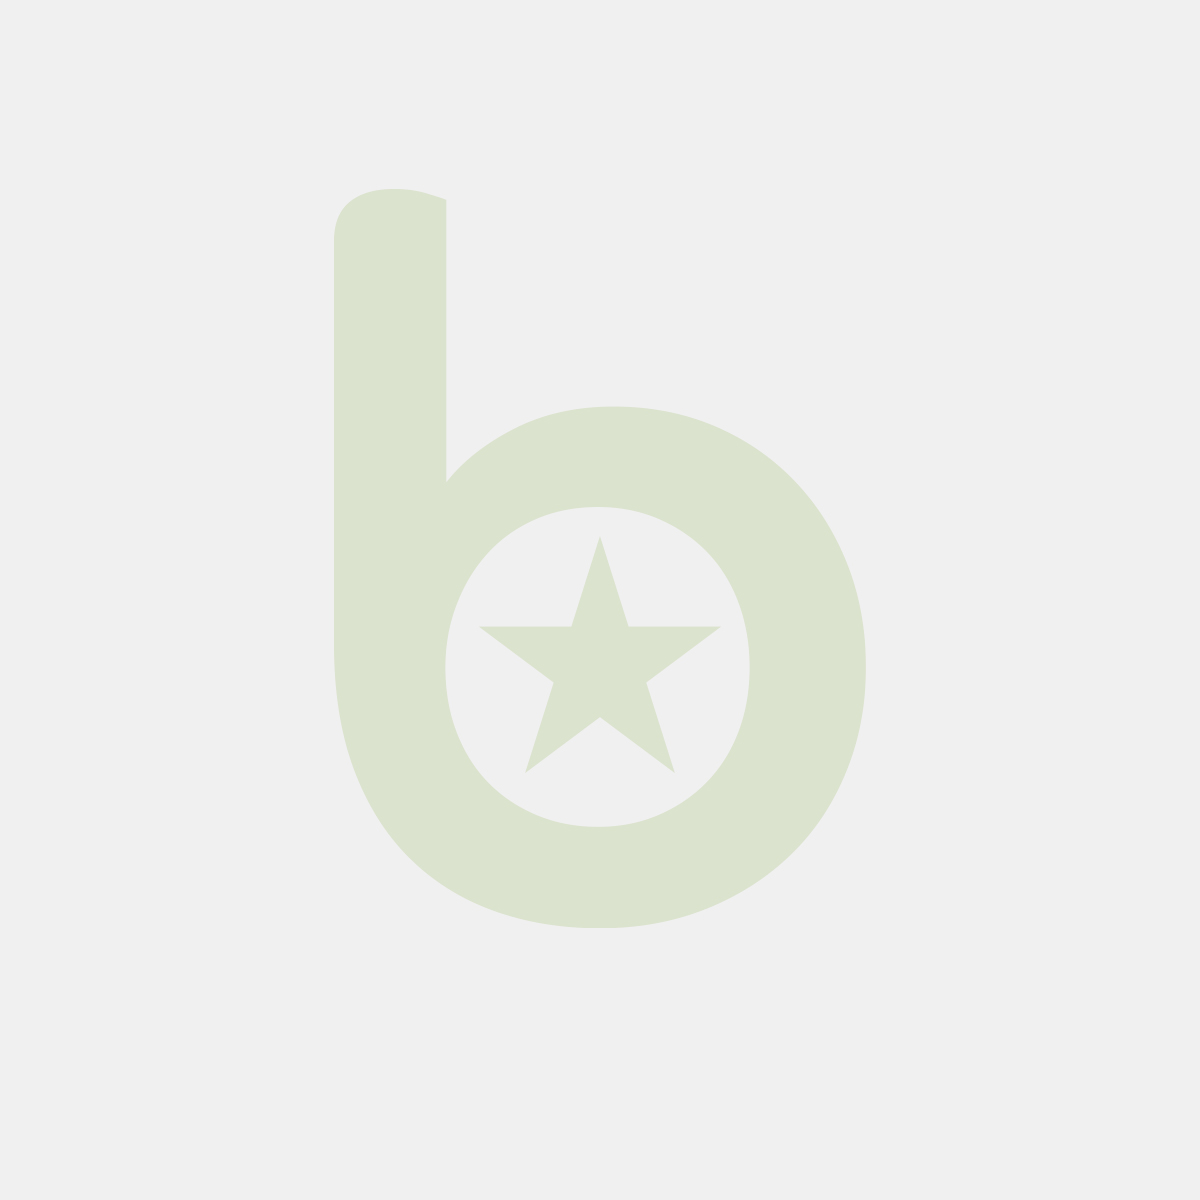 Ramka do tacek AG02 178/113 MAP niedziolona - podwójna